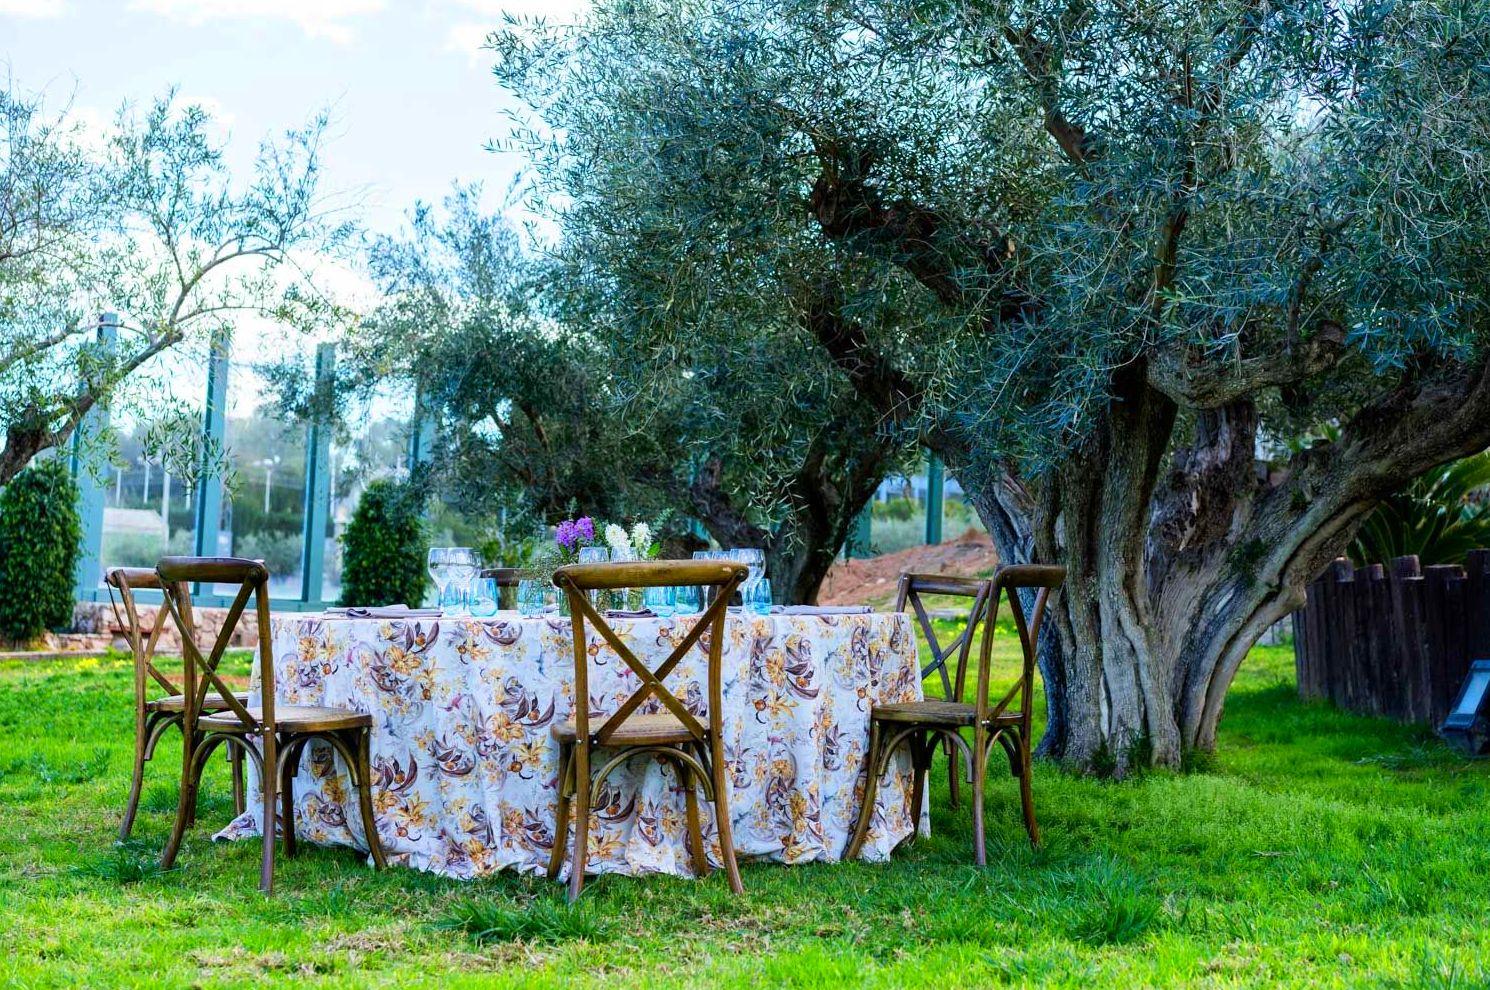 Foto 17 de Alquiler de sillas, mesas y menaje en El Palmar | Mantelería & Menaje